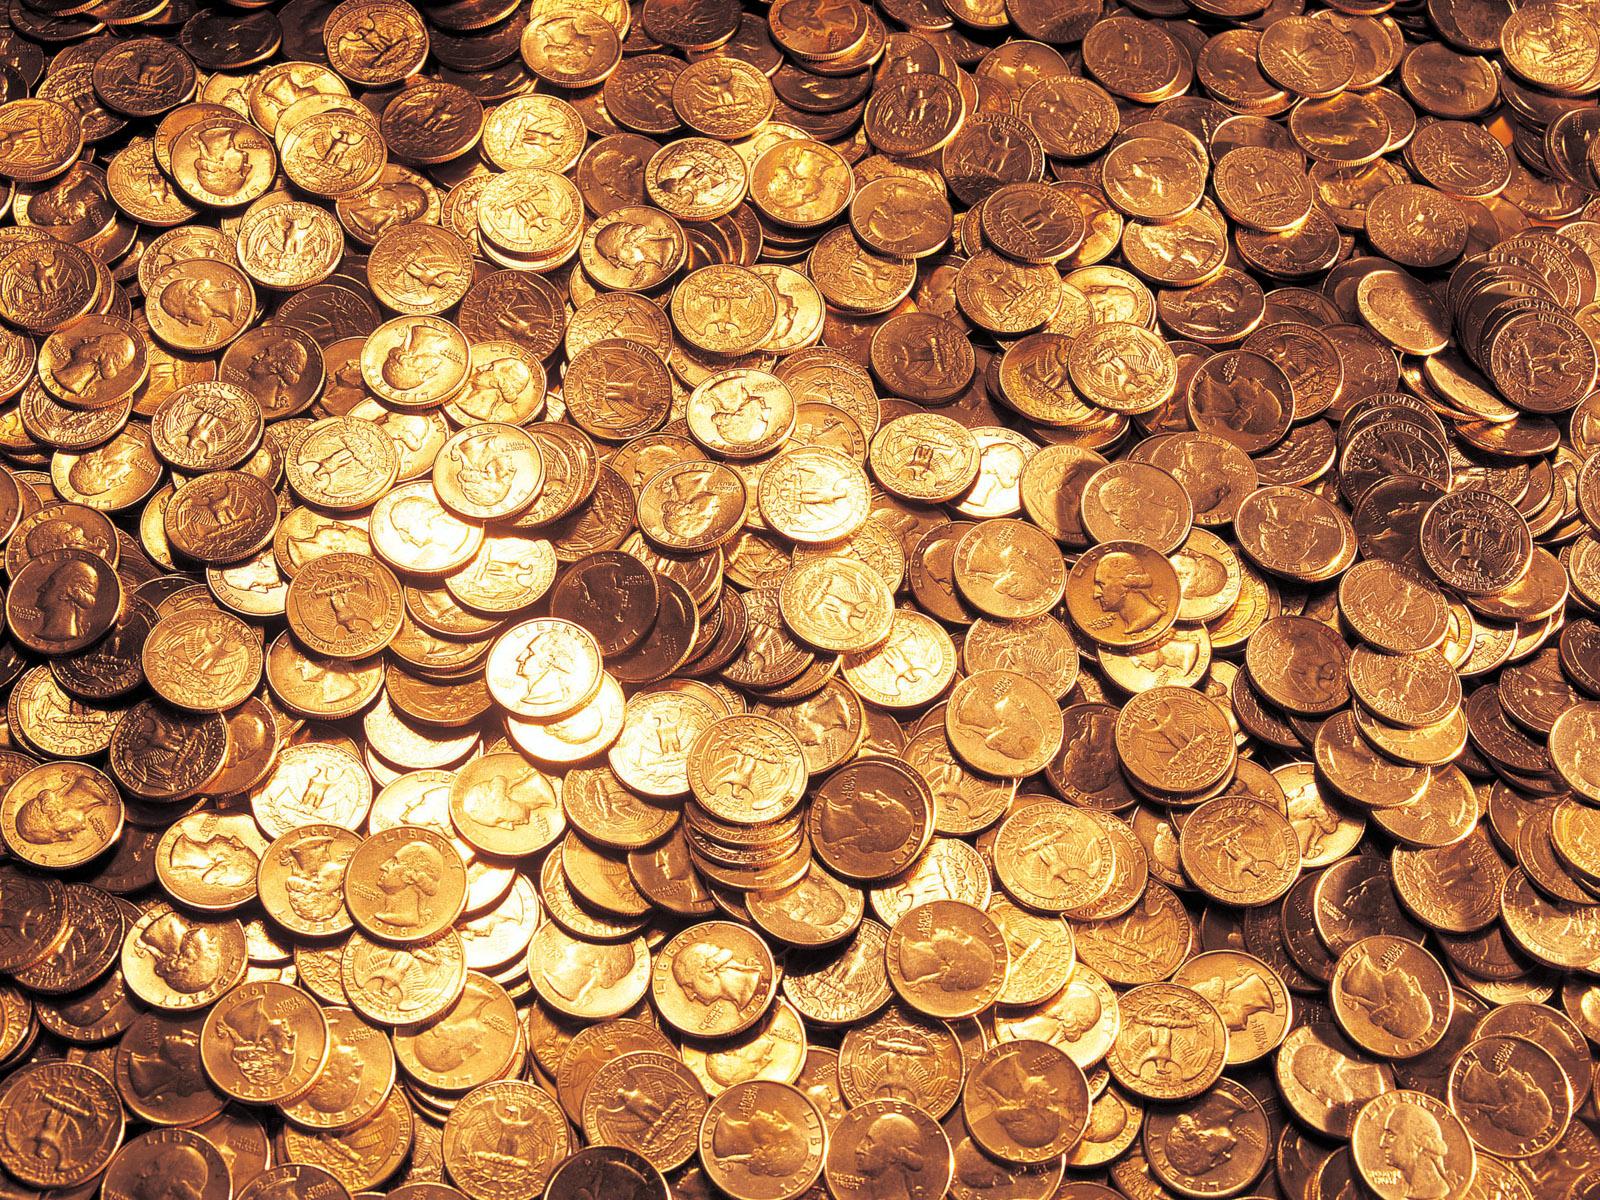 Заработок в социальных сетях: Фото денег